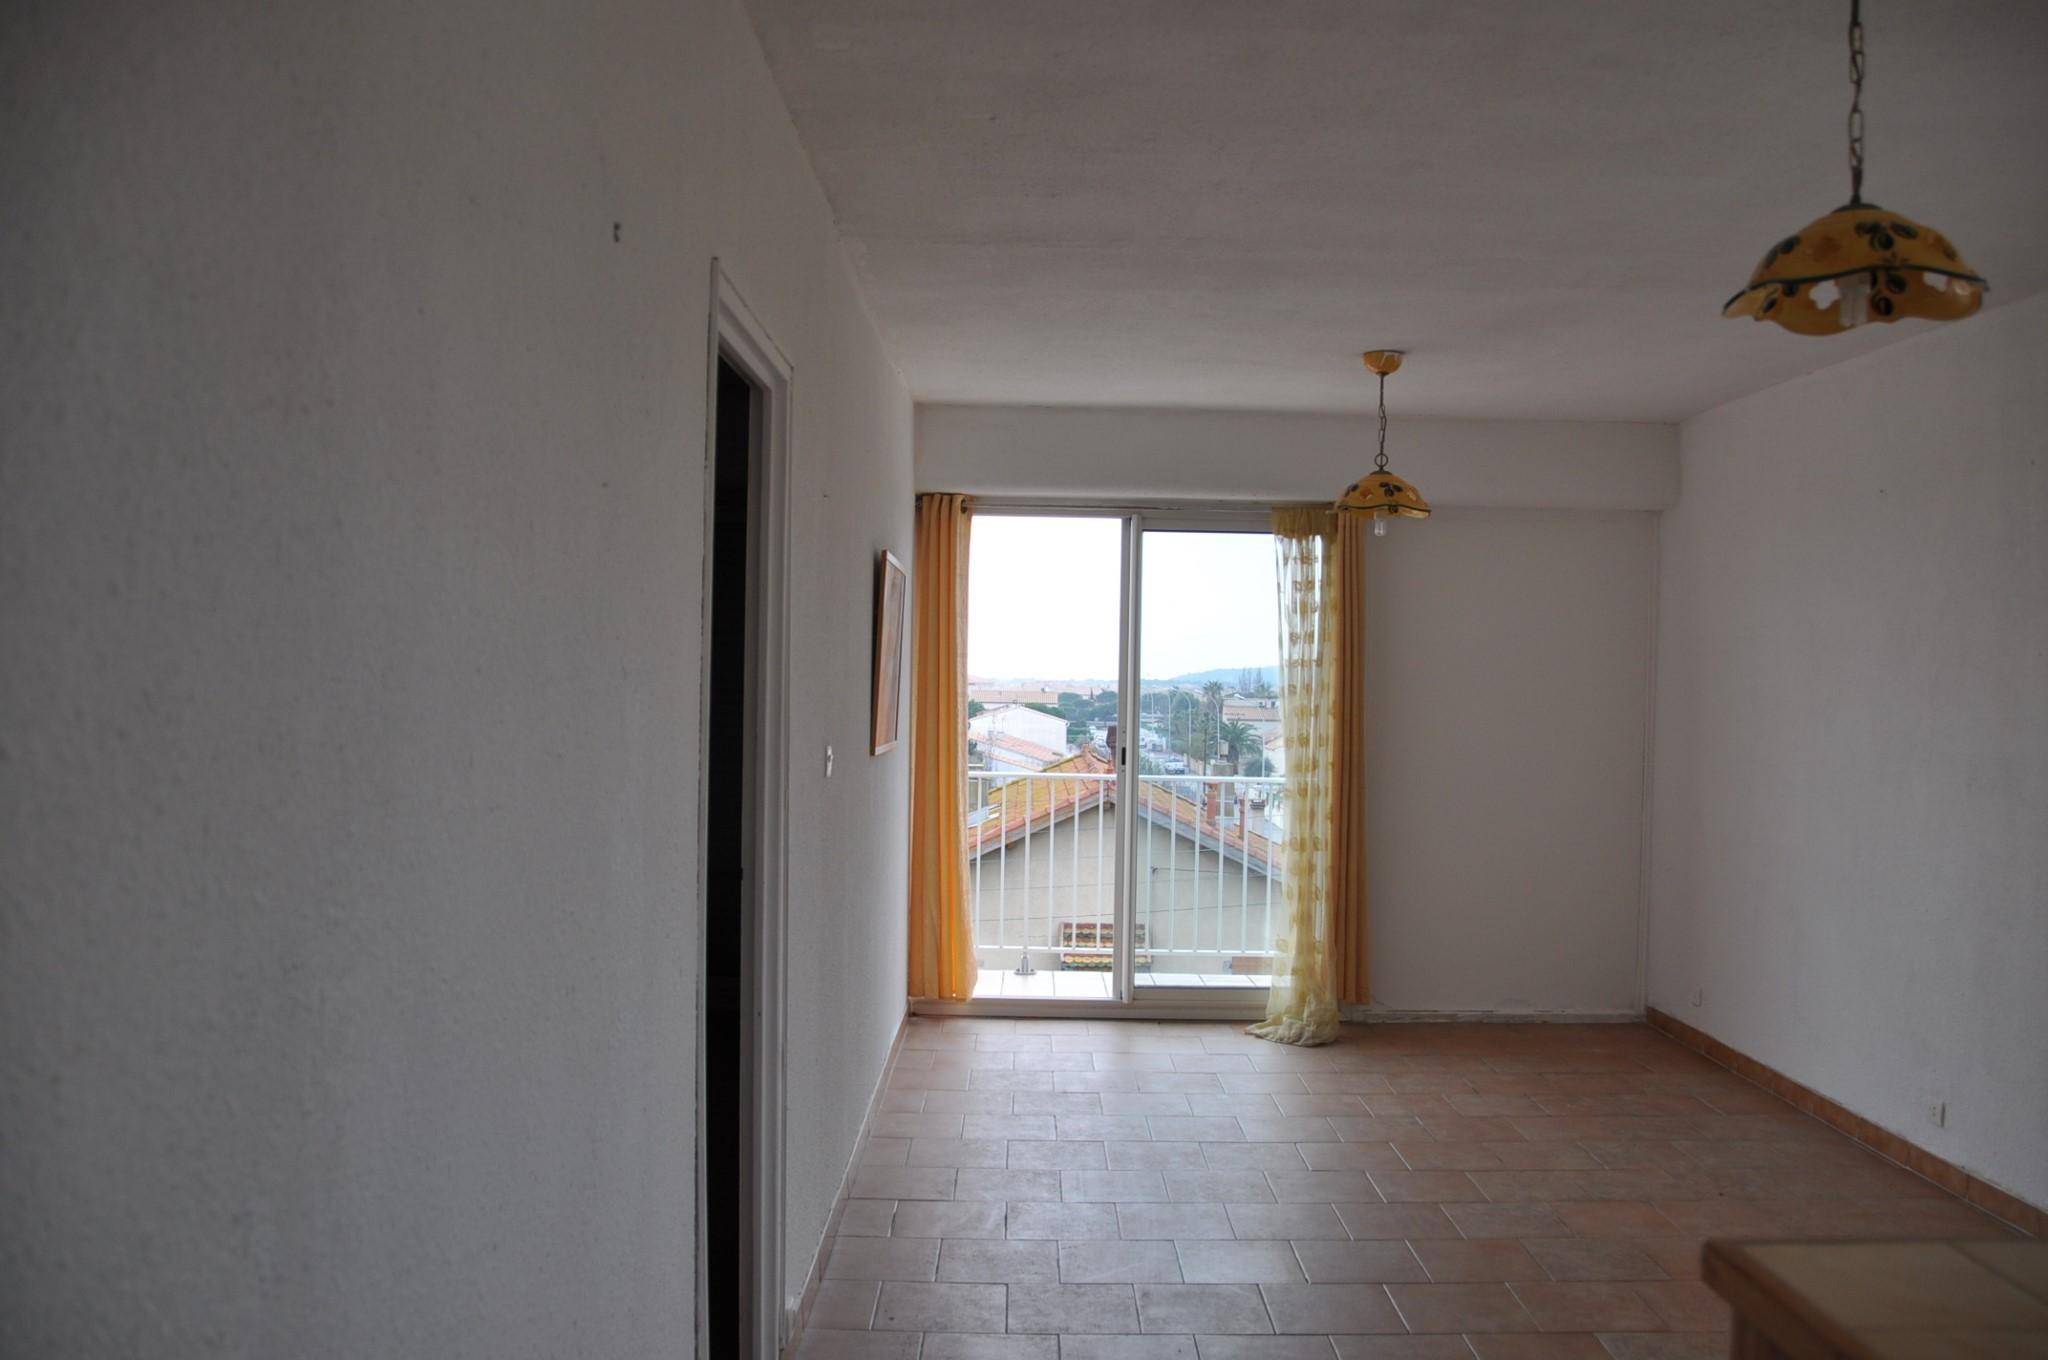 Port la nouvelle plage location appartement 2 pi ces - Location appartement port la nouvelle ...